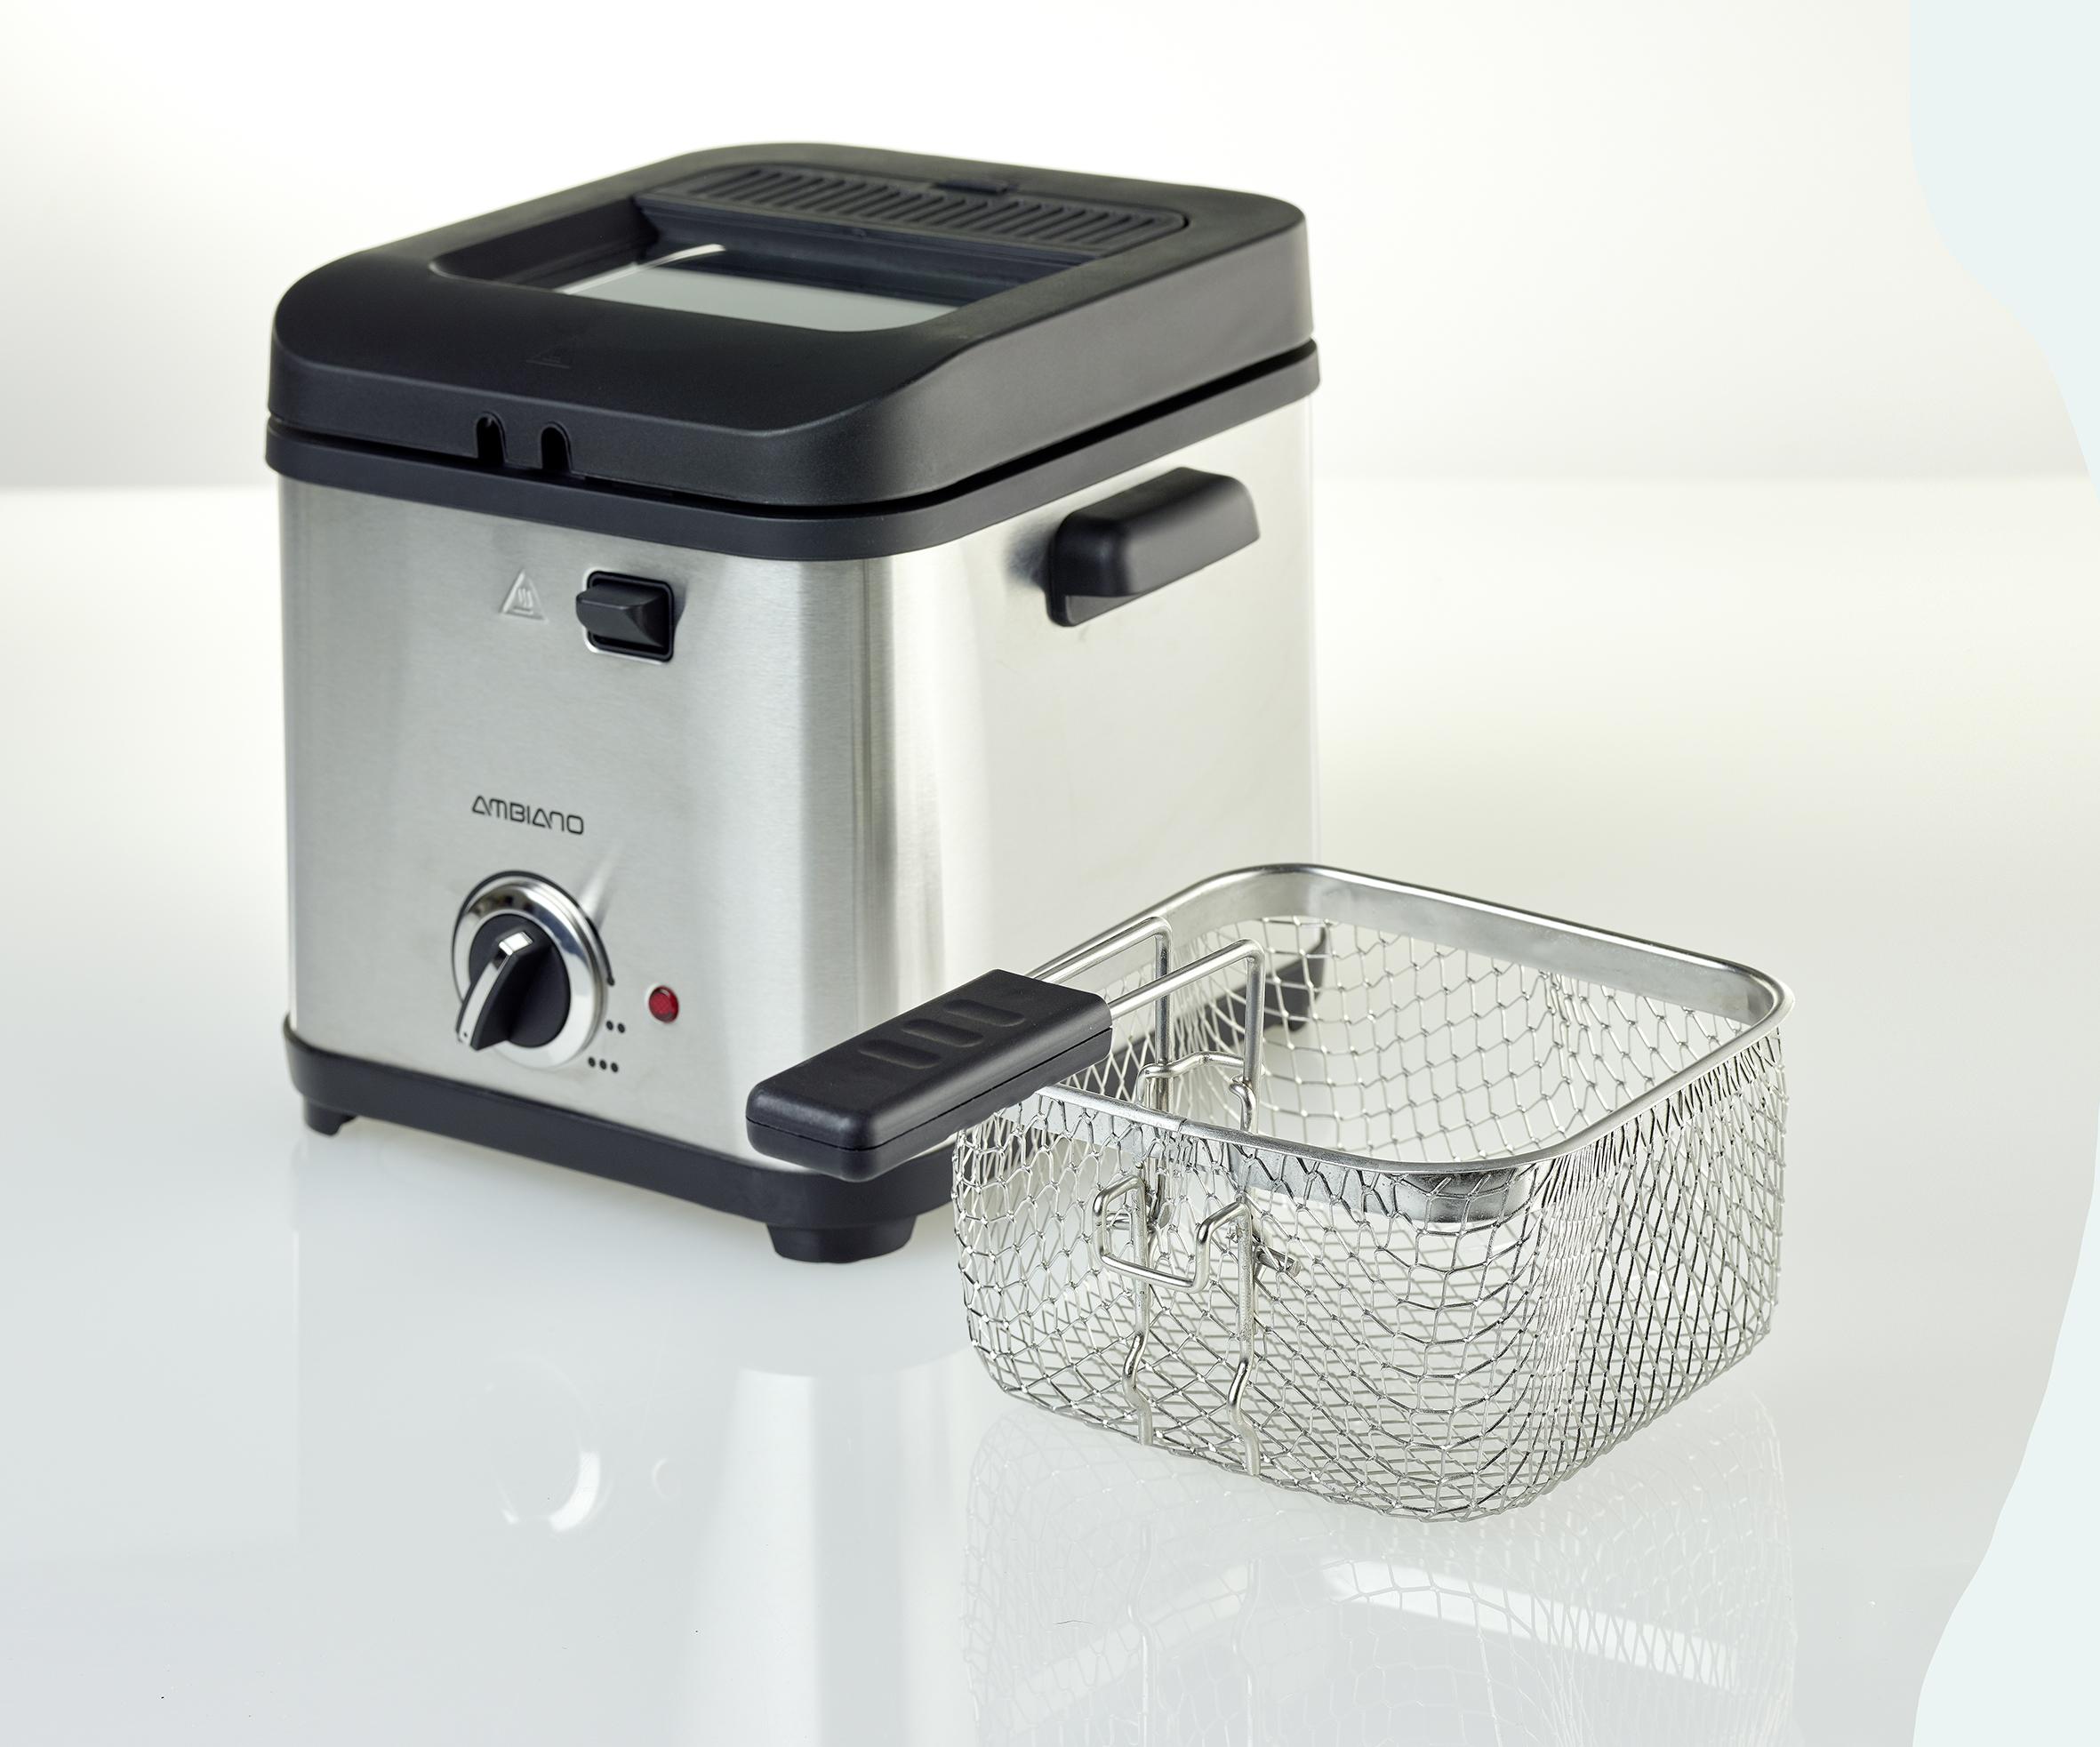 Aldi Kühlschrank Bedienungsanleitung : Quigg kaffeeautomat aldi bedienungsanleitung küchenmaschinen von